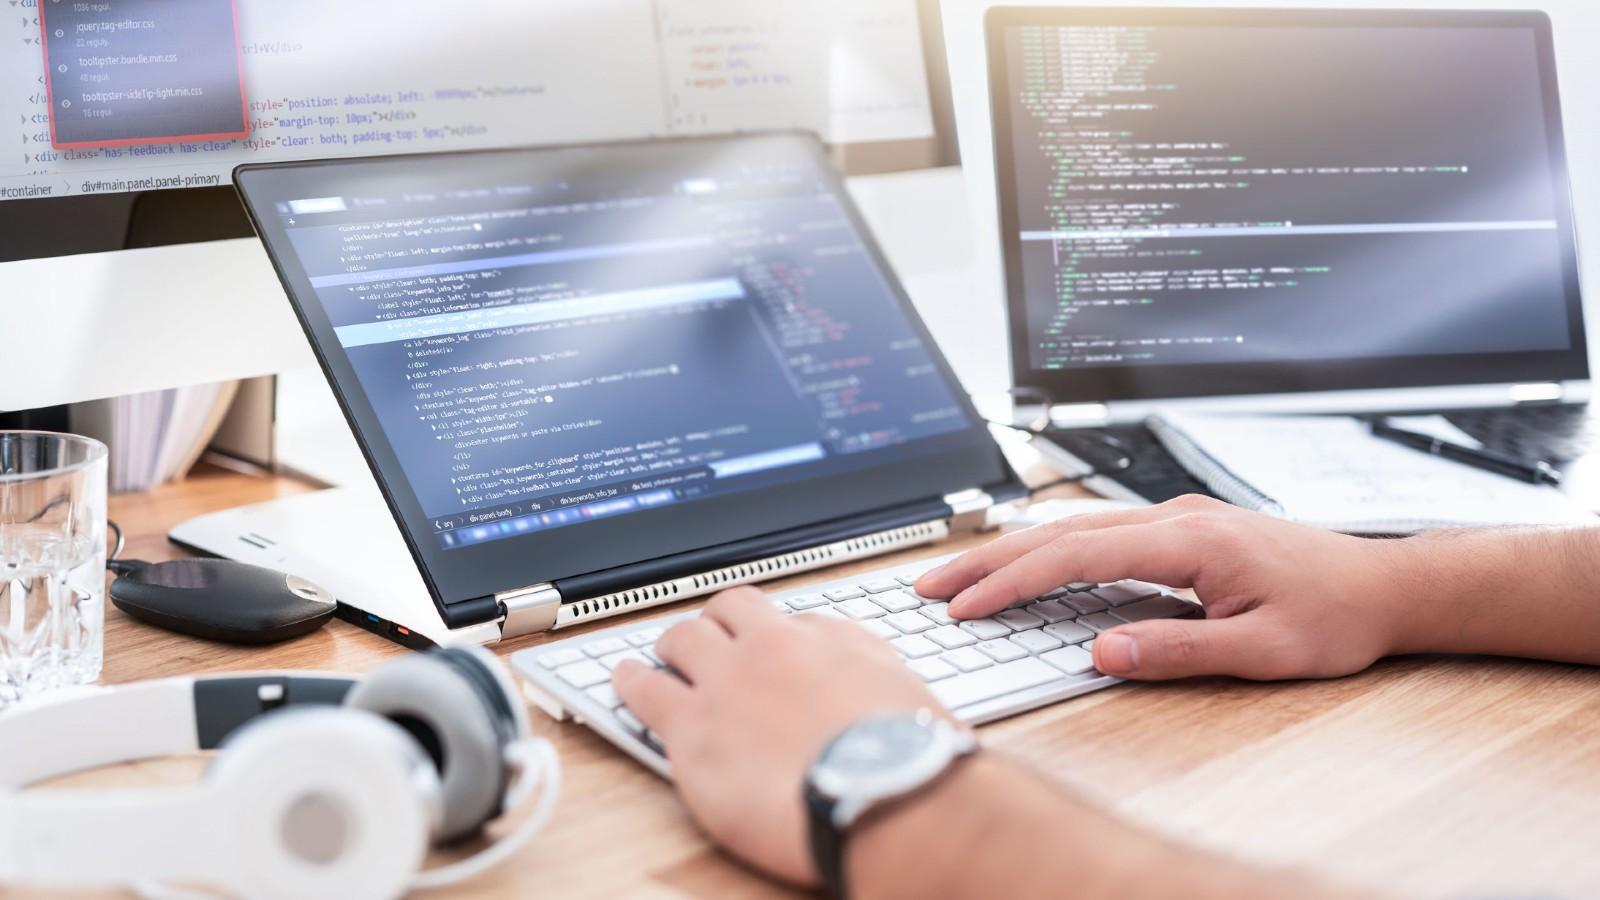 Las metodologías de desarrollo seguro de software deben incorporarse en el día a día del programador